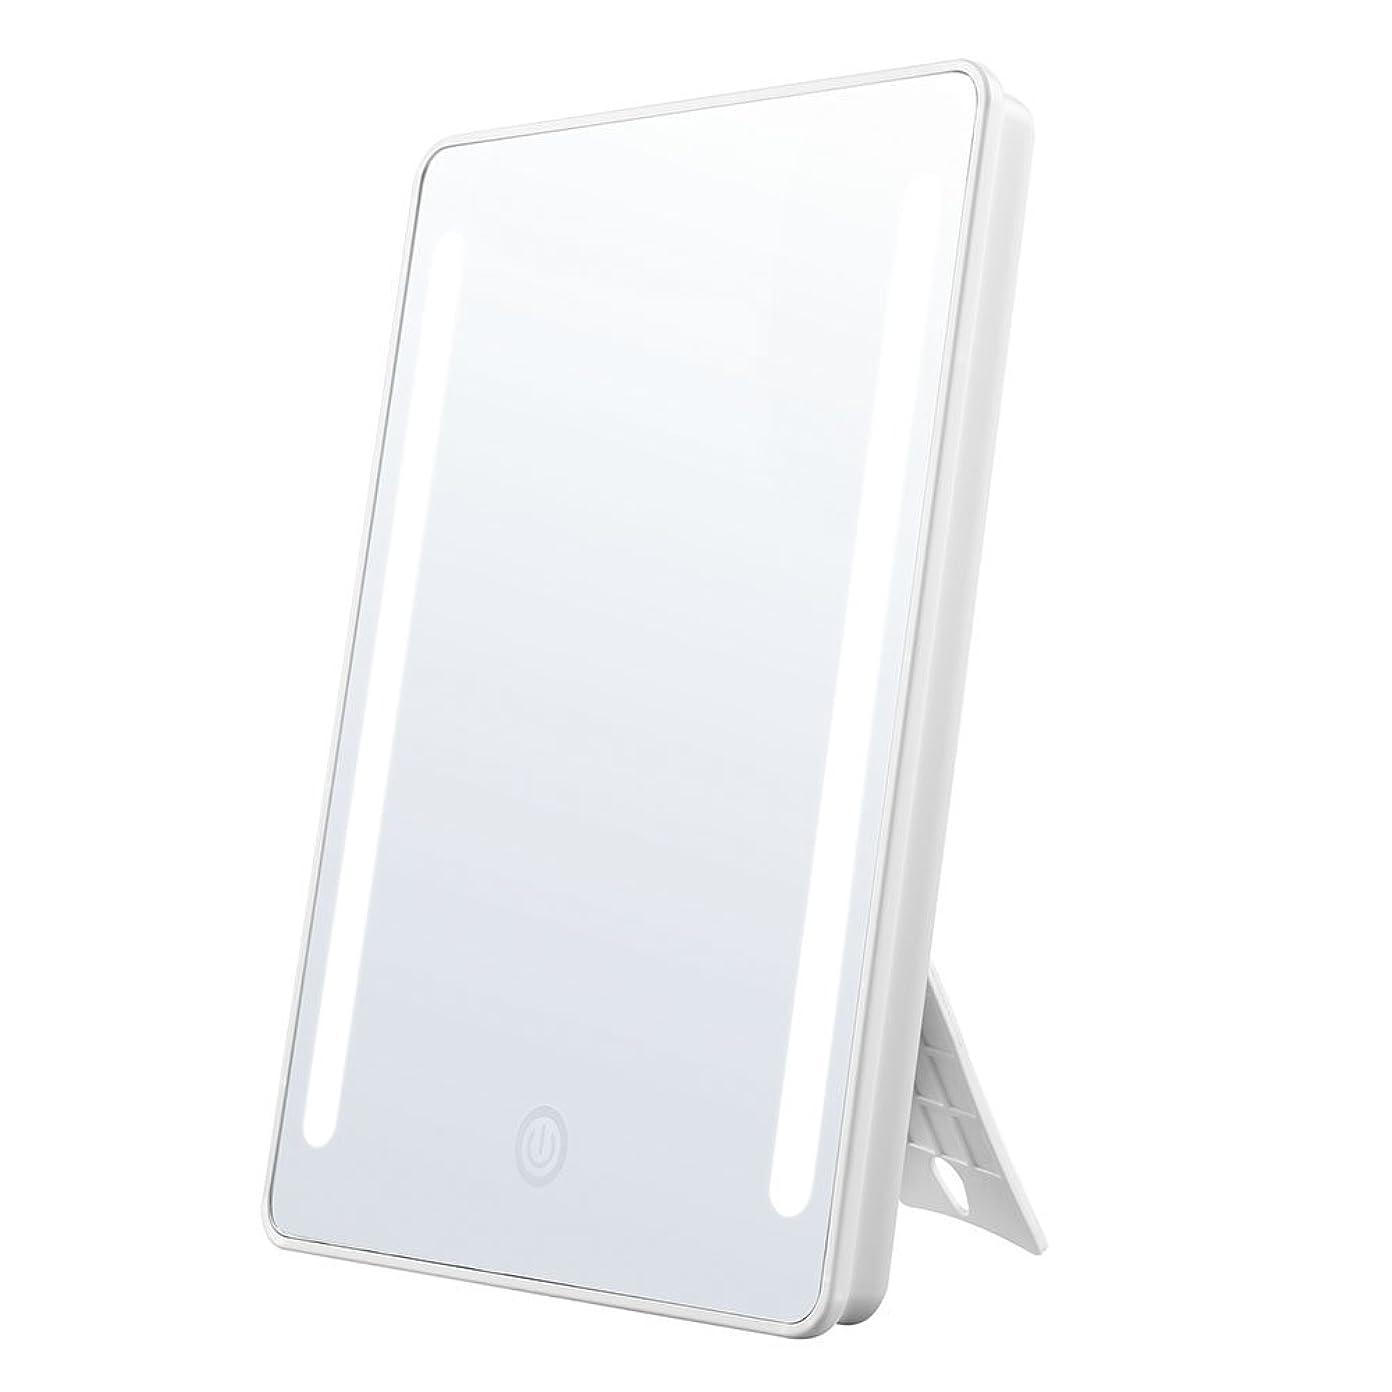 手配する運搬適用するJerrybox 鏡 化粧鏡 卓上鏡 大型 led 鏡 フルフレームLEDライト スタンドミラー 拡大鏡付き